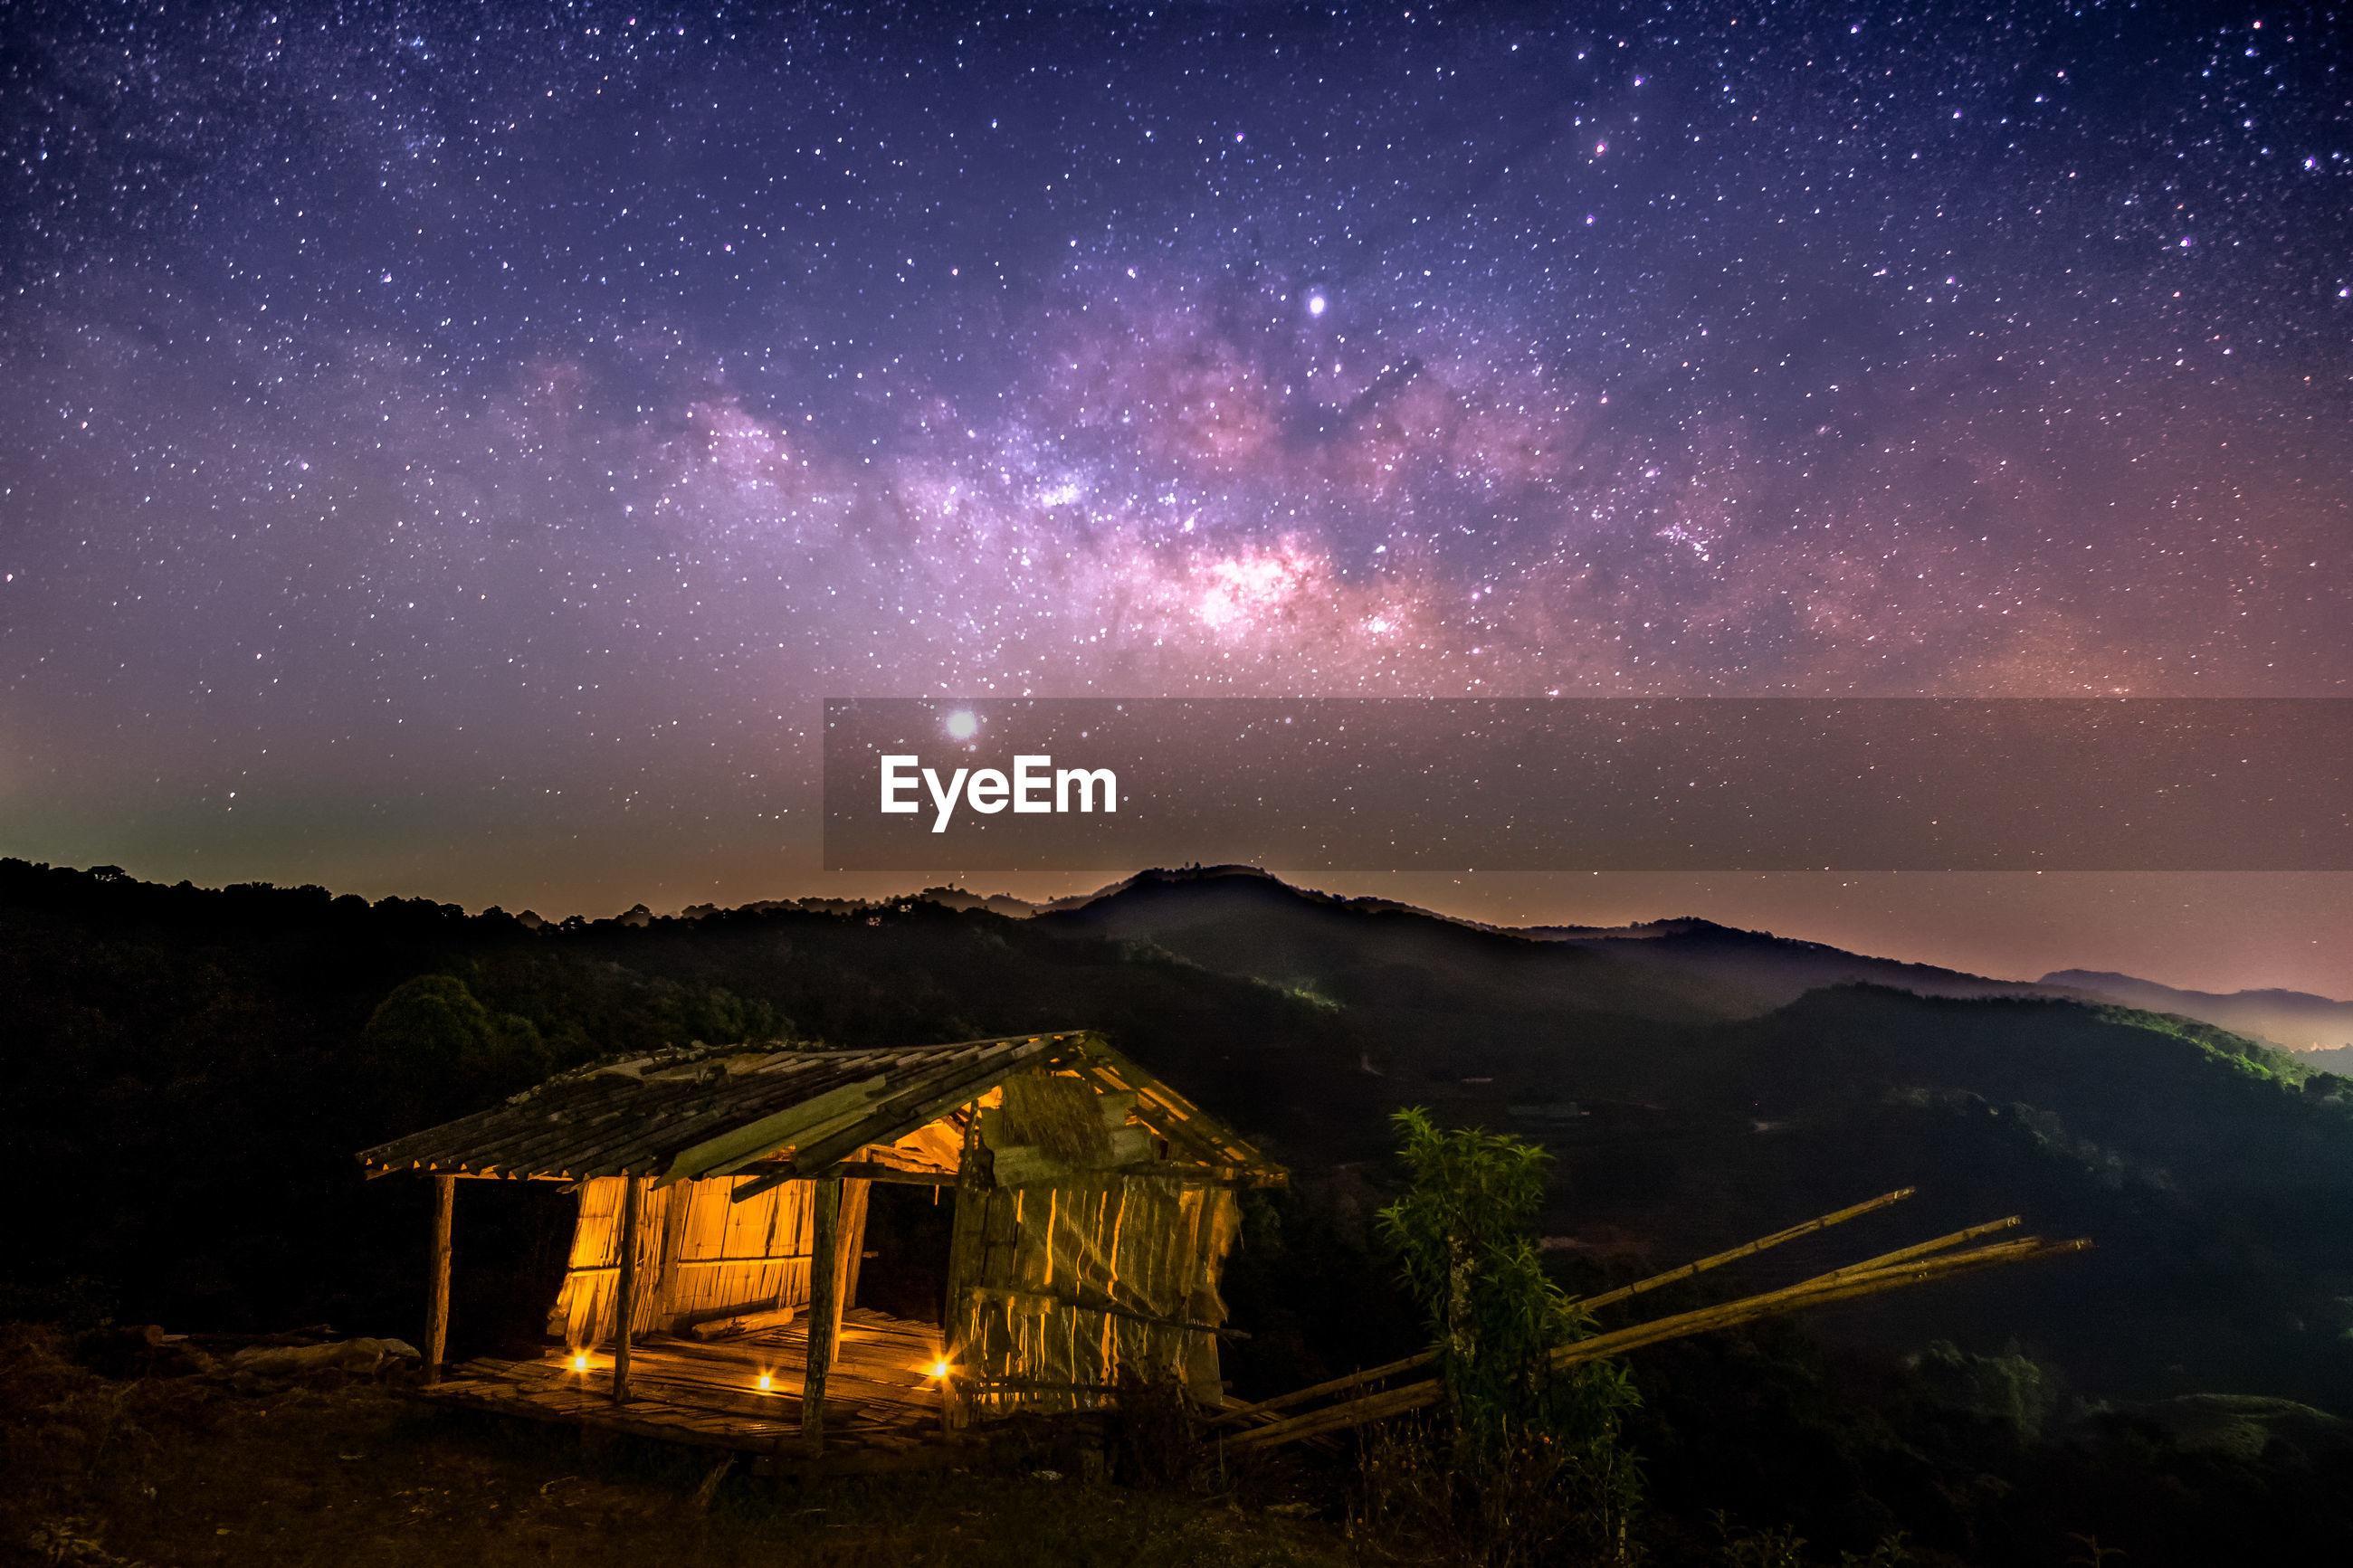 Illuminated broken house on mountain against star field sky